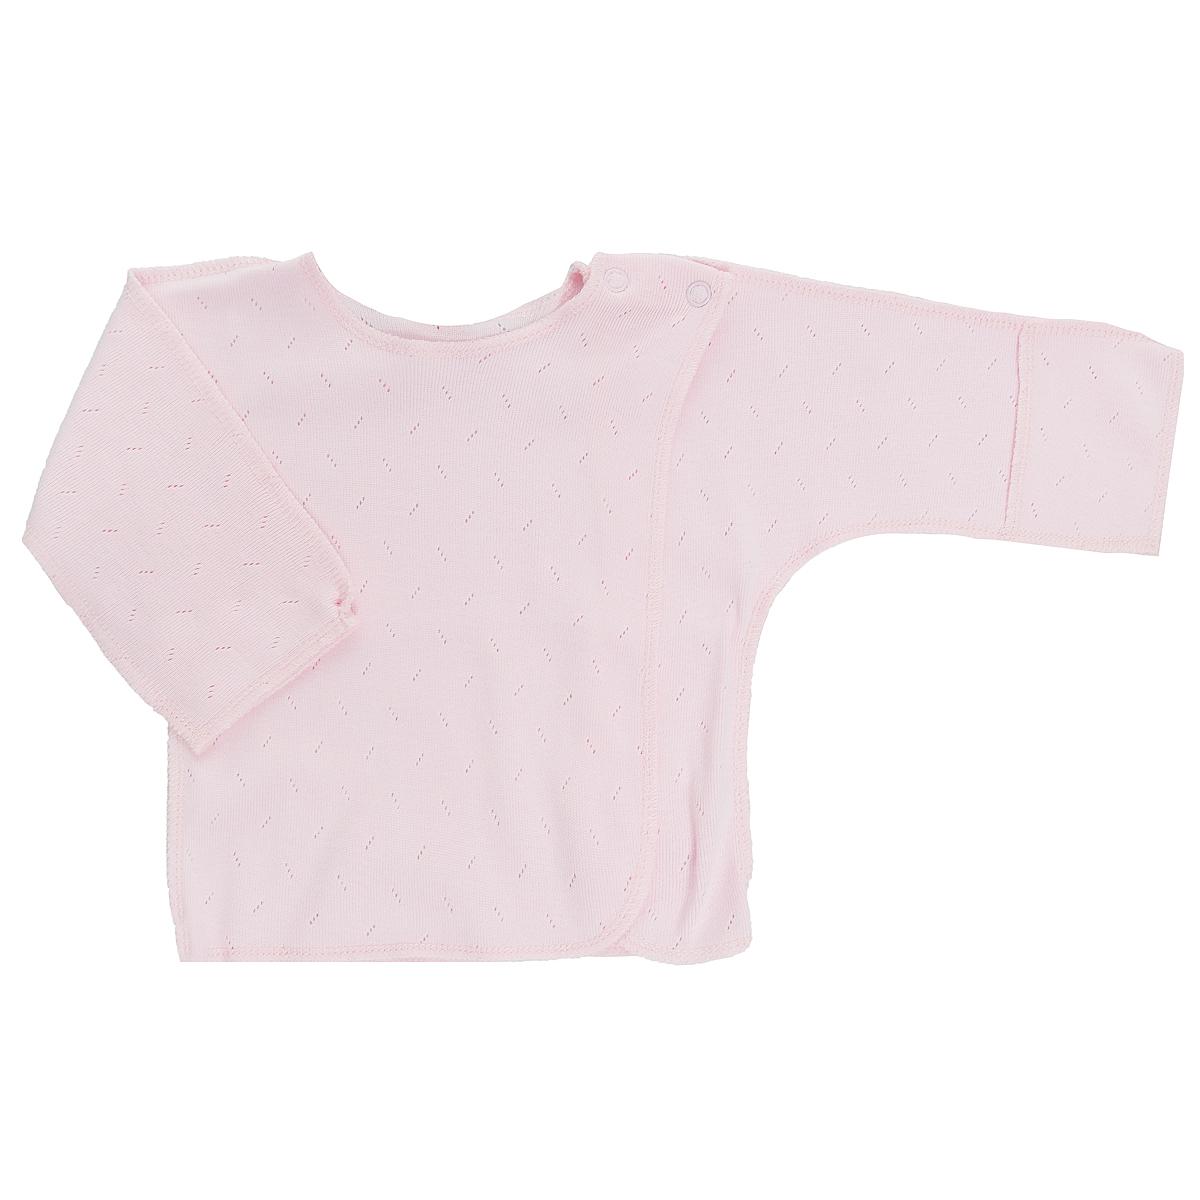 0-8Распашонка для новорожденного Lucky Child Ажур с длинными рукавами послужит идеальным дополнением к гардеробу вашего малыша, обеспечивая ему наибольший комфорт. Распашонка изготовлена из натурального хлопка, благодаря чему она необычайно мягкая и легкая, не раздражает нежную кожу ребенка и хорошо вентилируется, а эластичные швы приятны телу малыша и не препятствуют его движениям. Распашонка-кимоно для новорожденного, выполненная швами наружу, и украшенная ажурным узором, имеет кнопки по плечу, которые помогают с легкостью переодеть малыша. А благодаря рукавичкам ребенок не поцарапает себя. Ручки могут быть как открытыми, так и закрытыми. Распашонка полностью соответствует особенностям жизни ребенка в ранний период, не стесняя и не ограничивая его в движениях. В ней ваш малыш всегда будет в центре внимания.